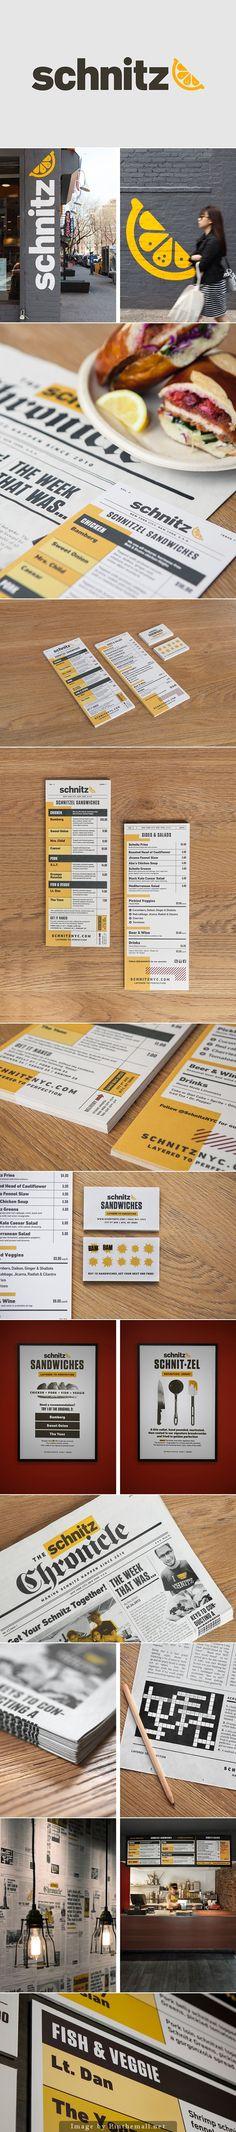 **Diseño inspirado en un periódico** | Schnitz Branding By Tag Collective | #menu #branding #print #design